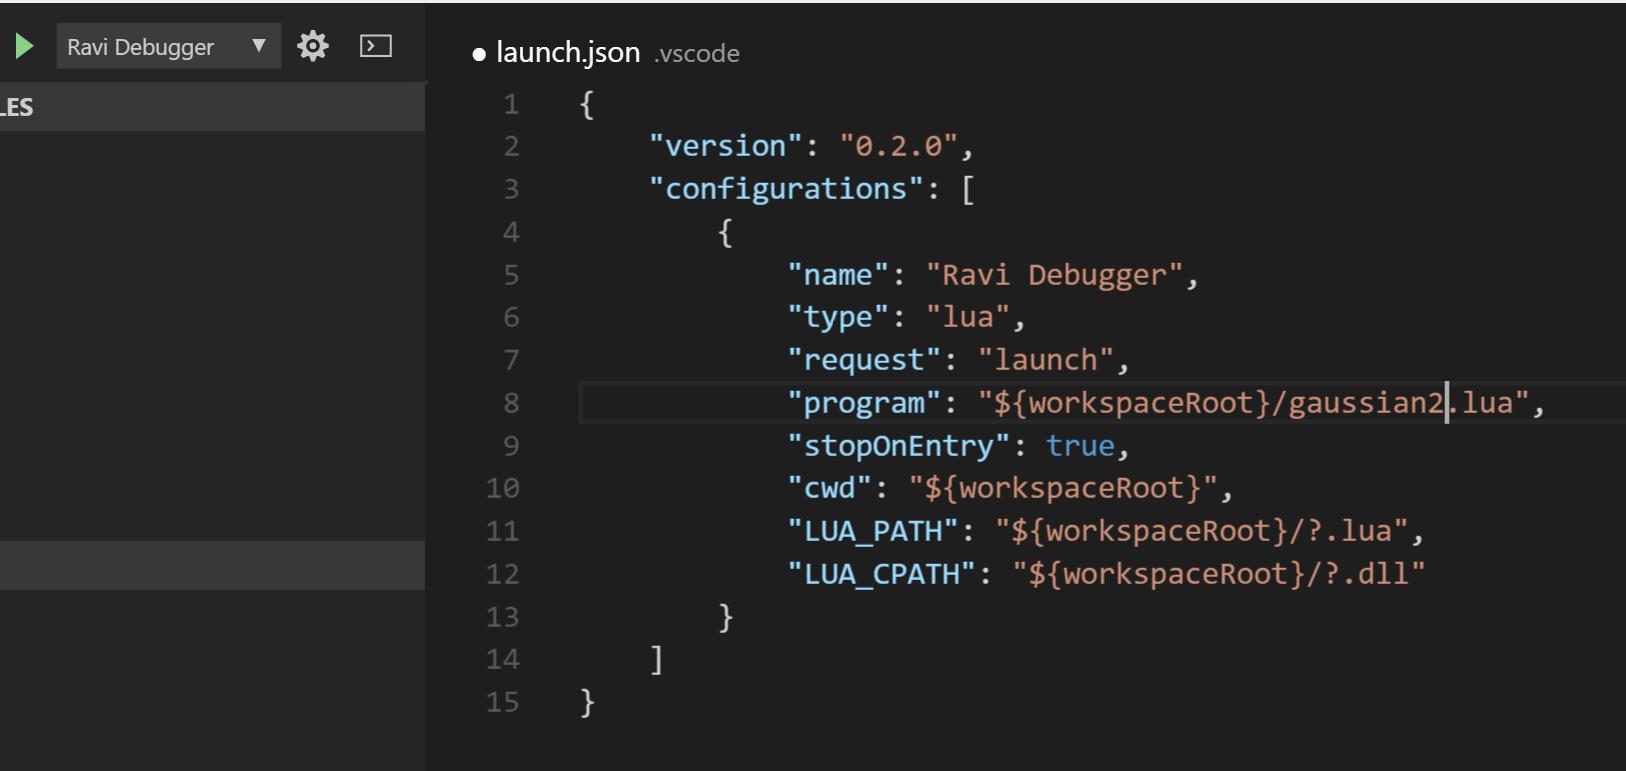 Configure launch.json